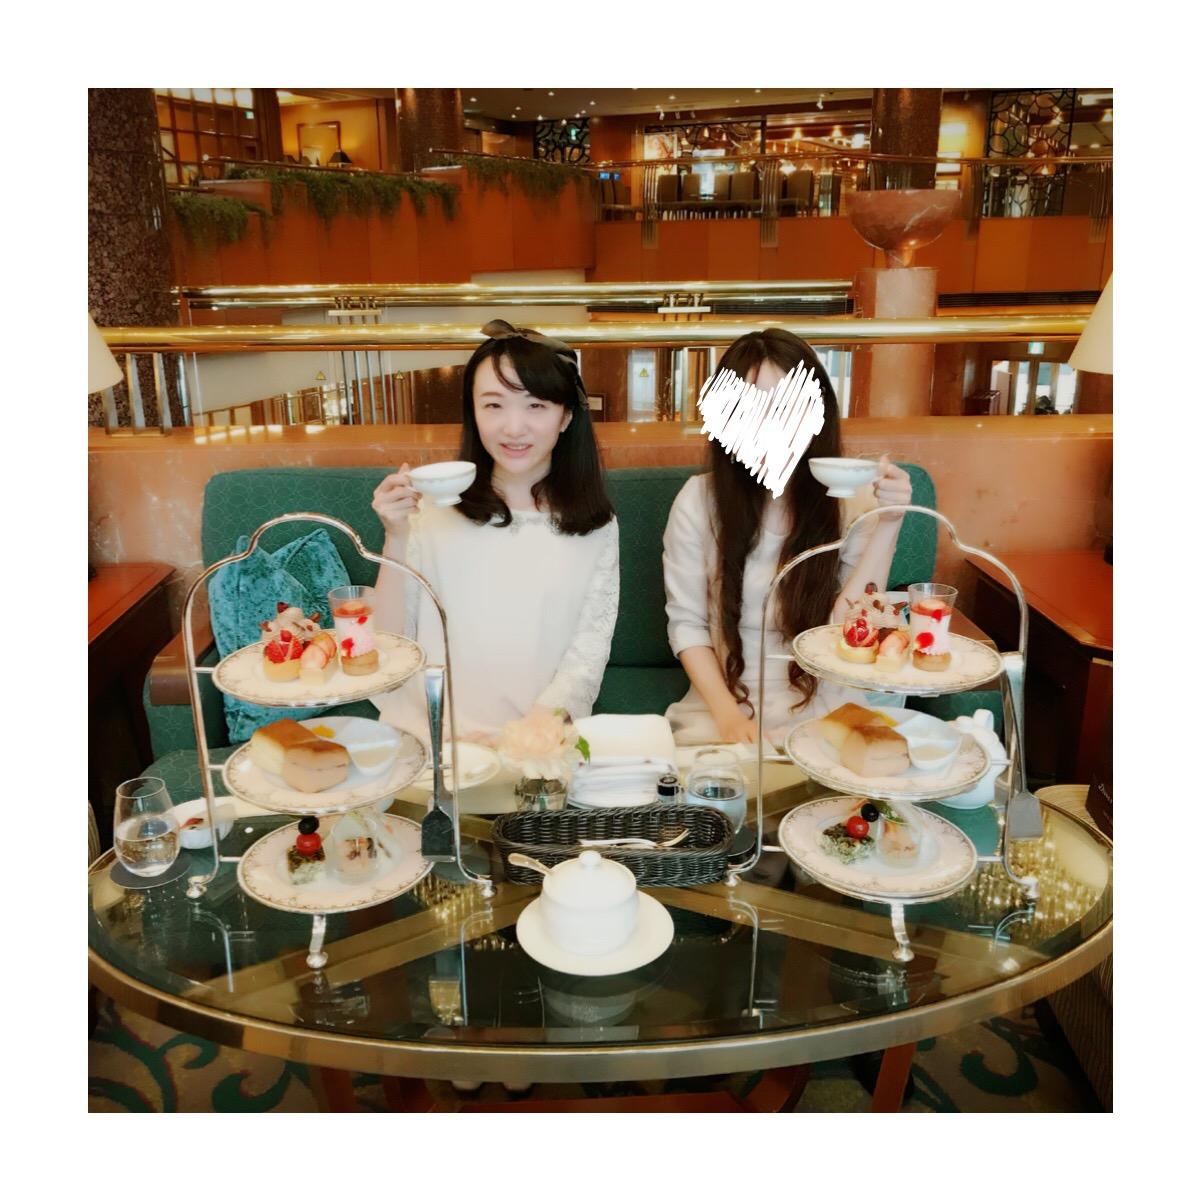 横浜ベイシェラトンのストロベリーアフタヌーンティーのバレンタイン版